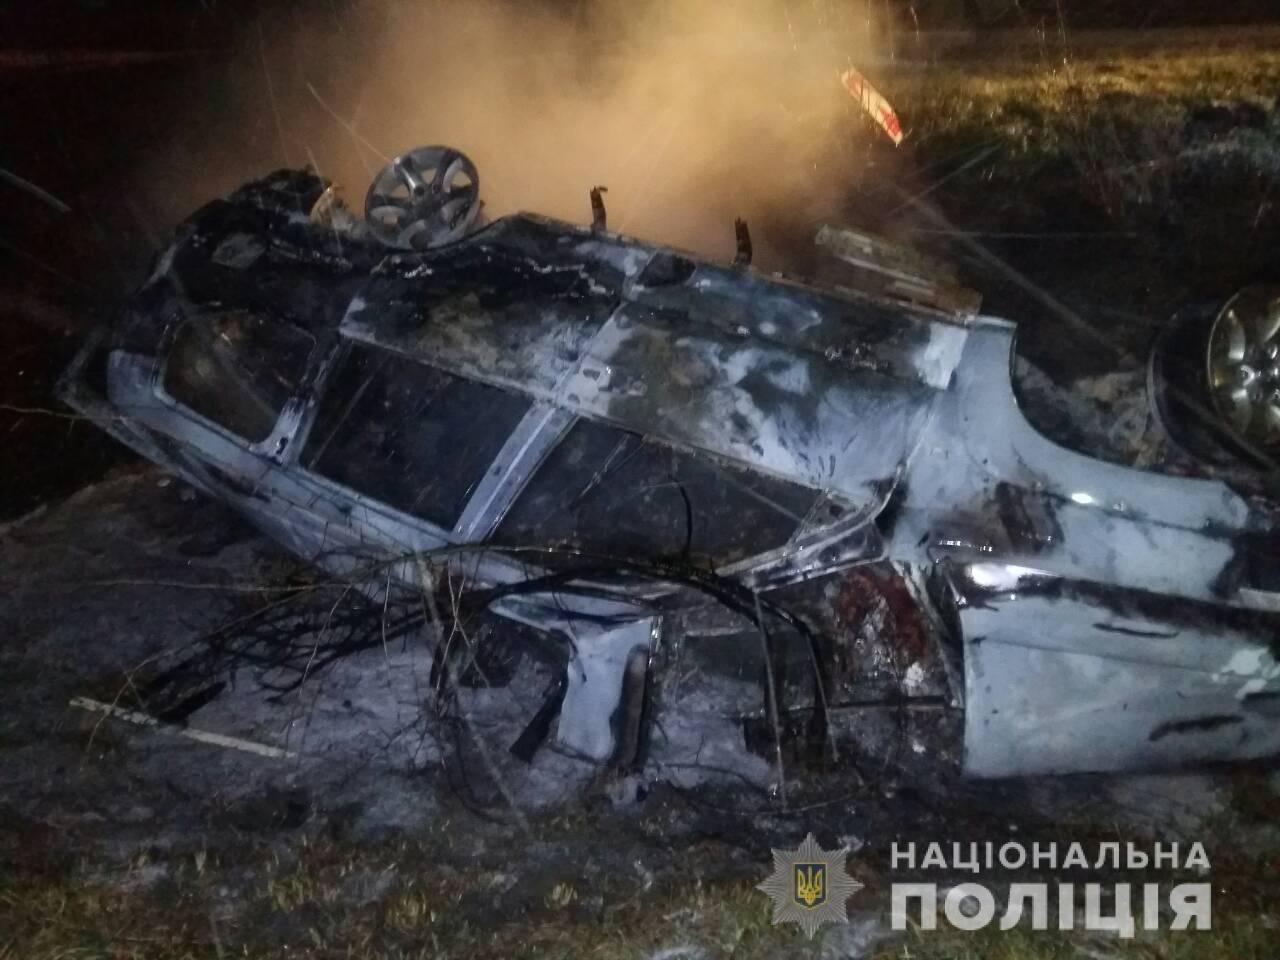 Появились фото смертельного ДТП под Мелитополем, фото-2